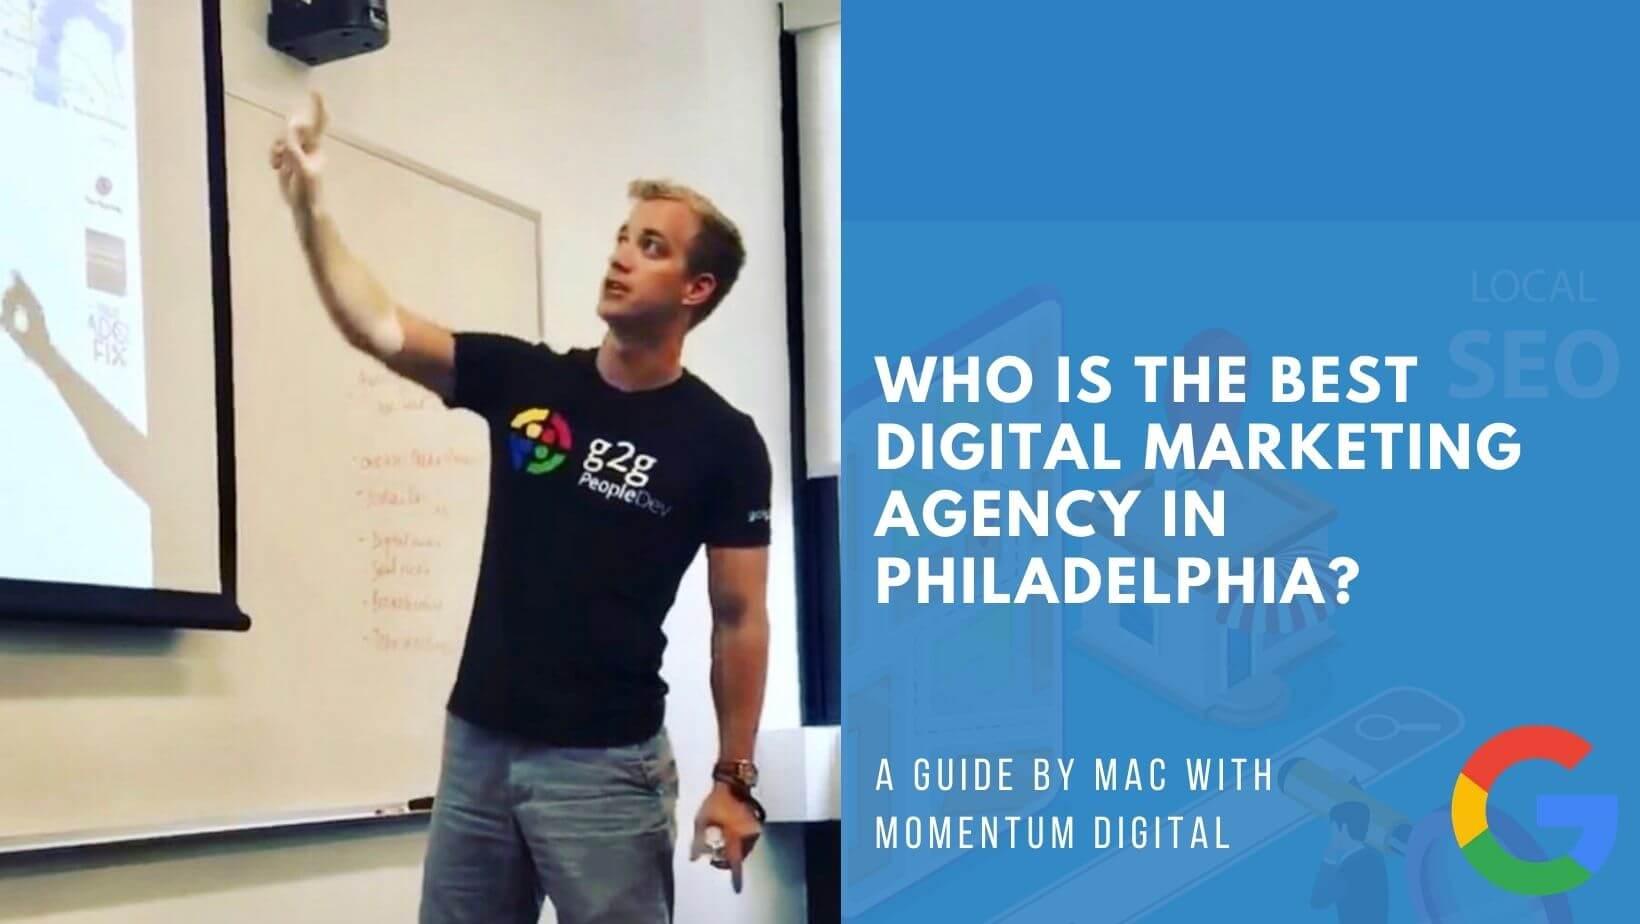 Who is the Best Digital Marketing Agency in Philadelphia?